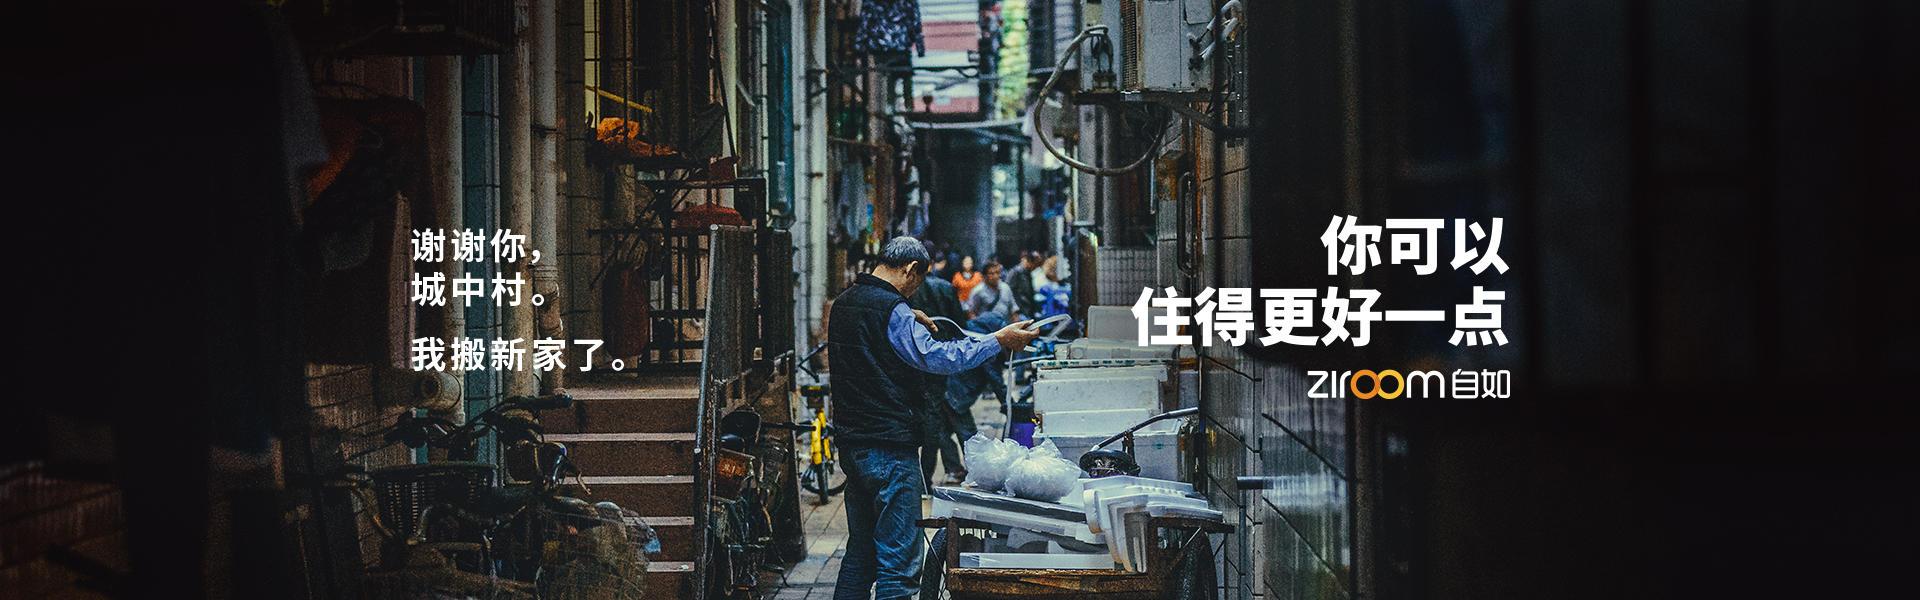 深圳租房,深圳白领公寓合租|出租,100%实景拍摄【自如网】